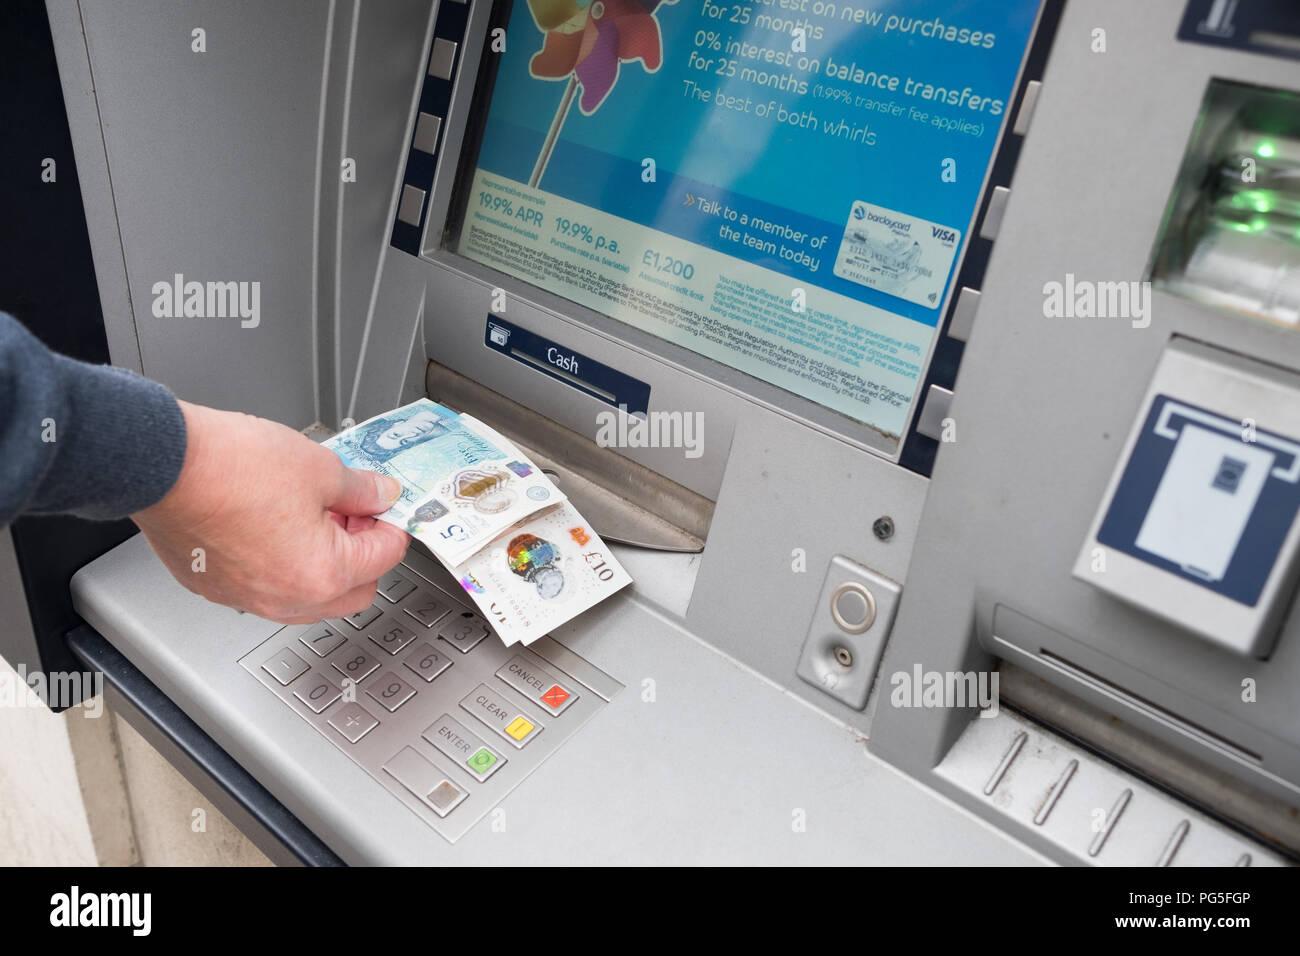 Una donna rimuove £5 e £10 note da un esterno Barclays Bank, il foro nella parete, punto di contanti macchina Foto Stock